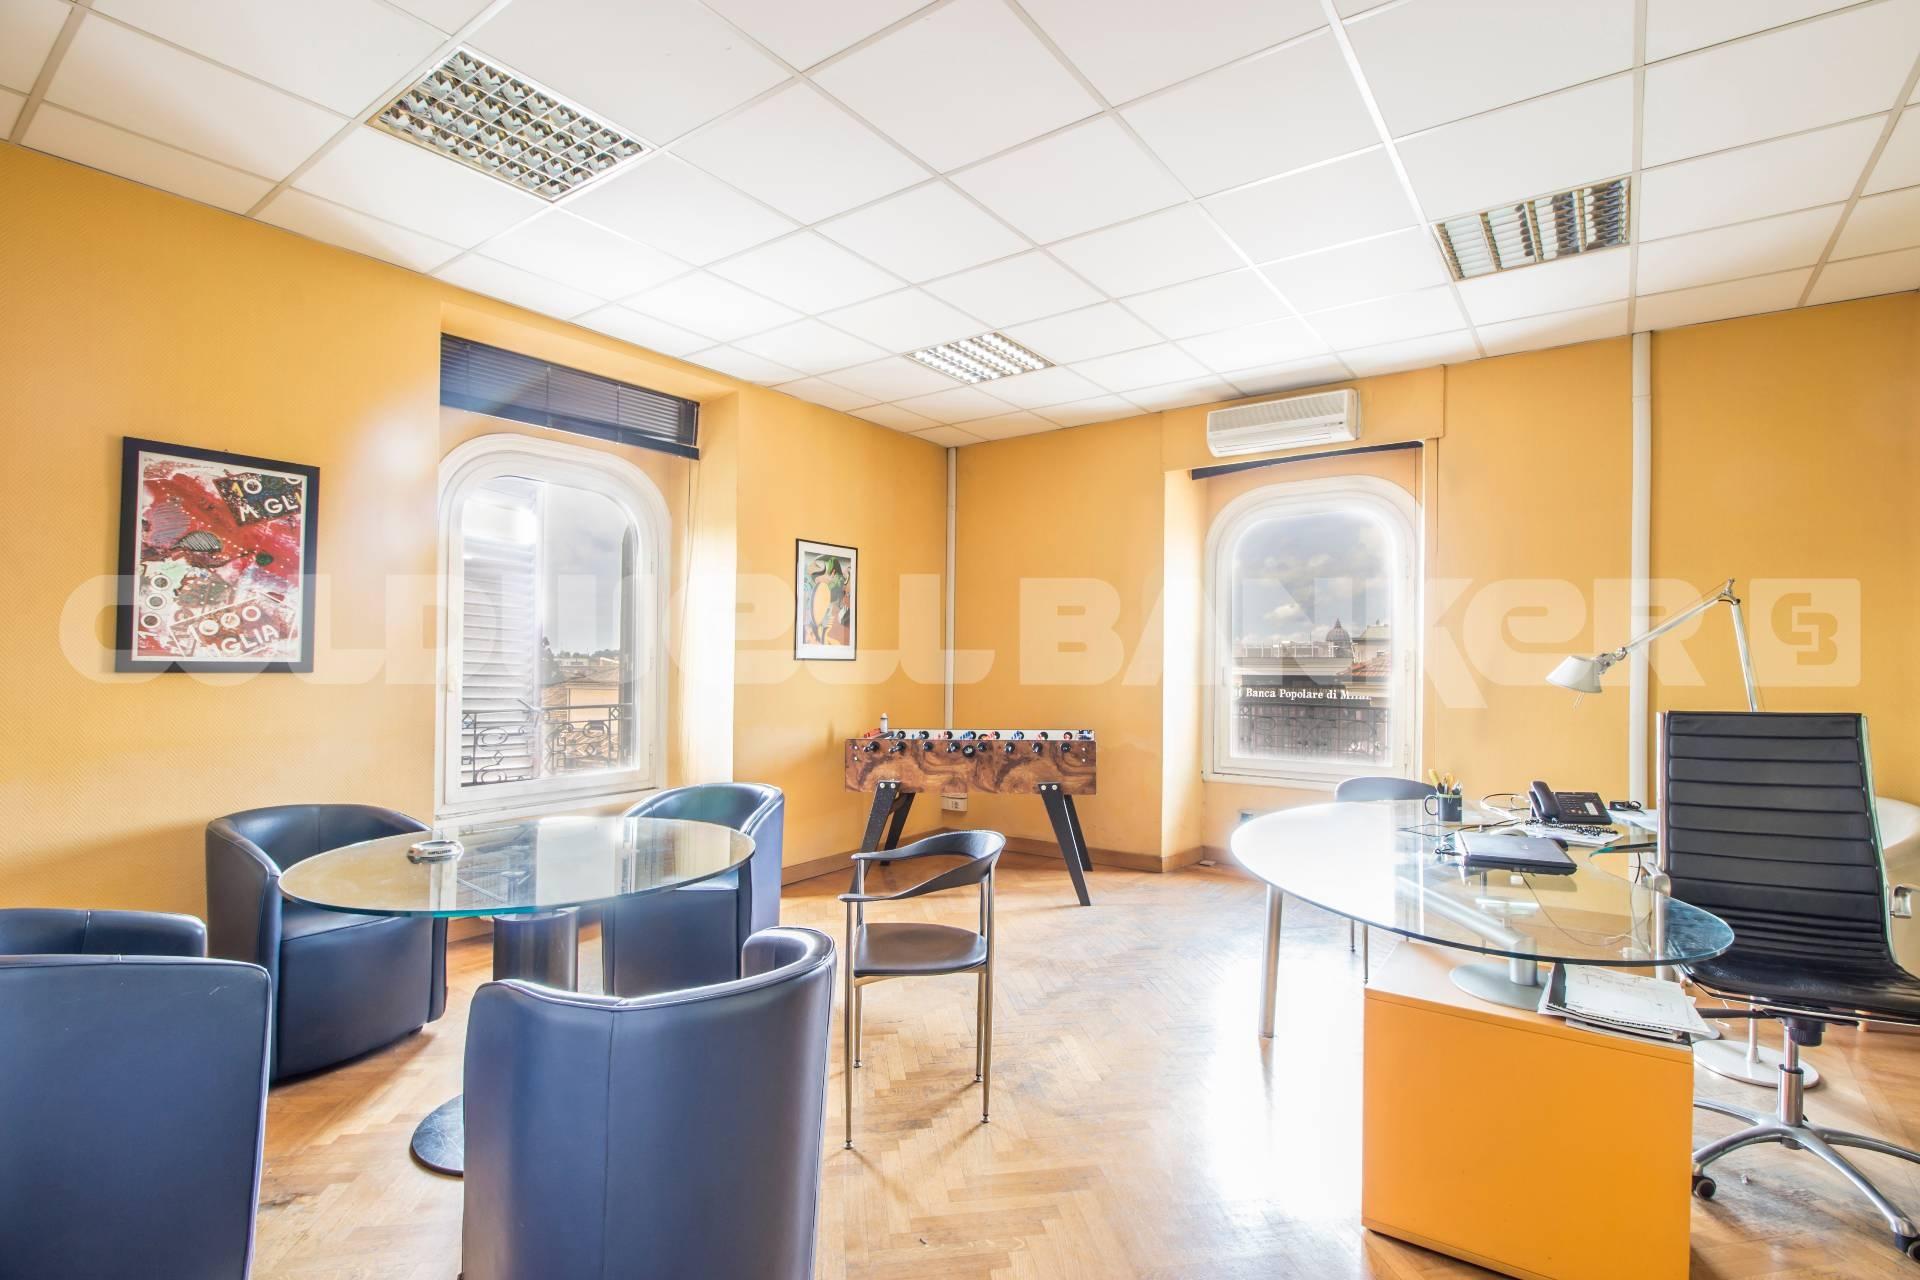 Ufficio In Vendita Roma : Cbi ex ufficio in vendita a roma flaminio coldwell